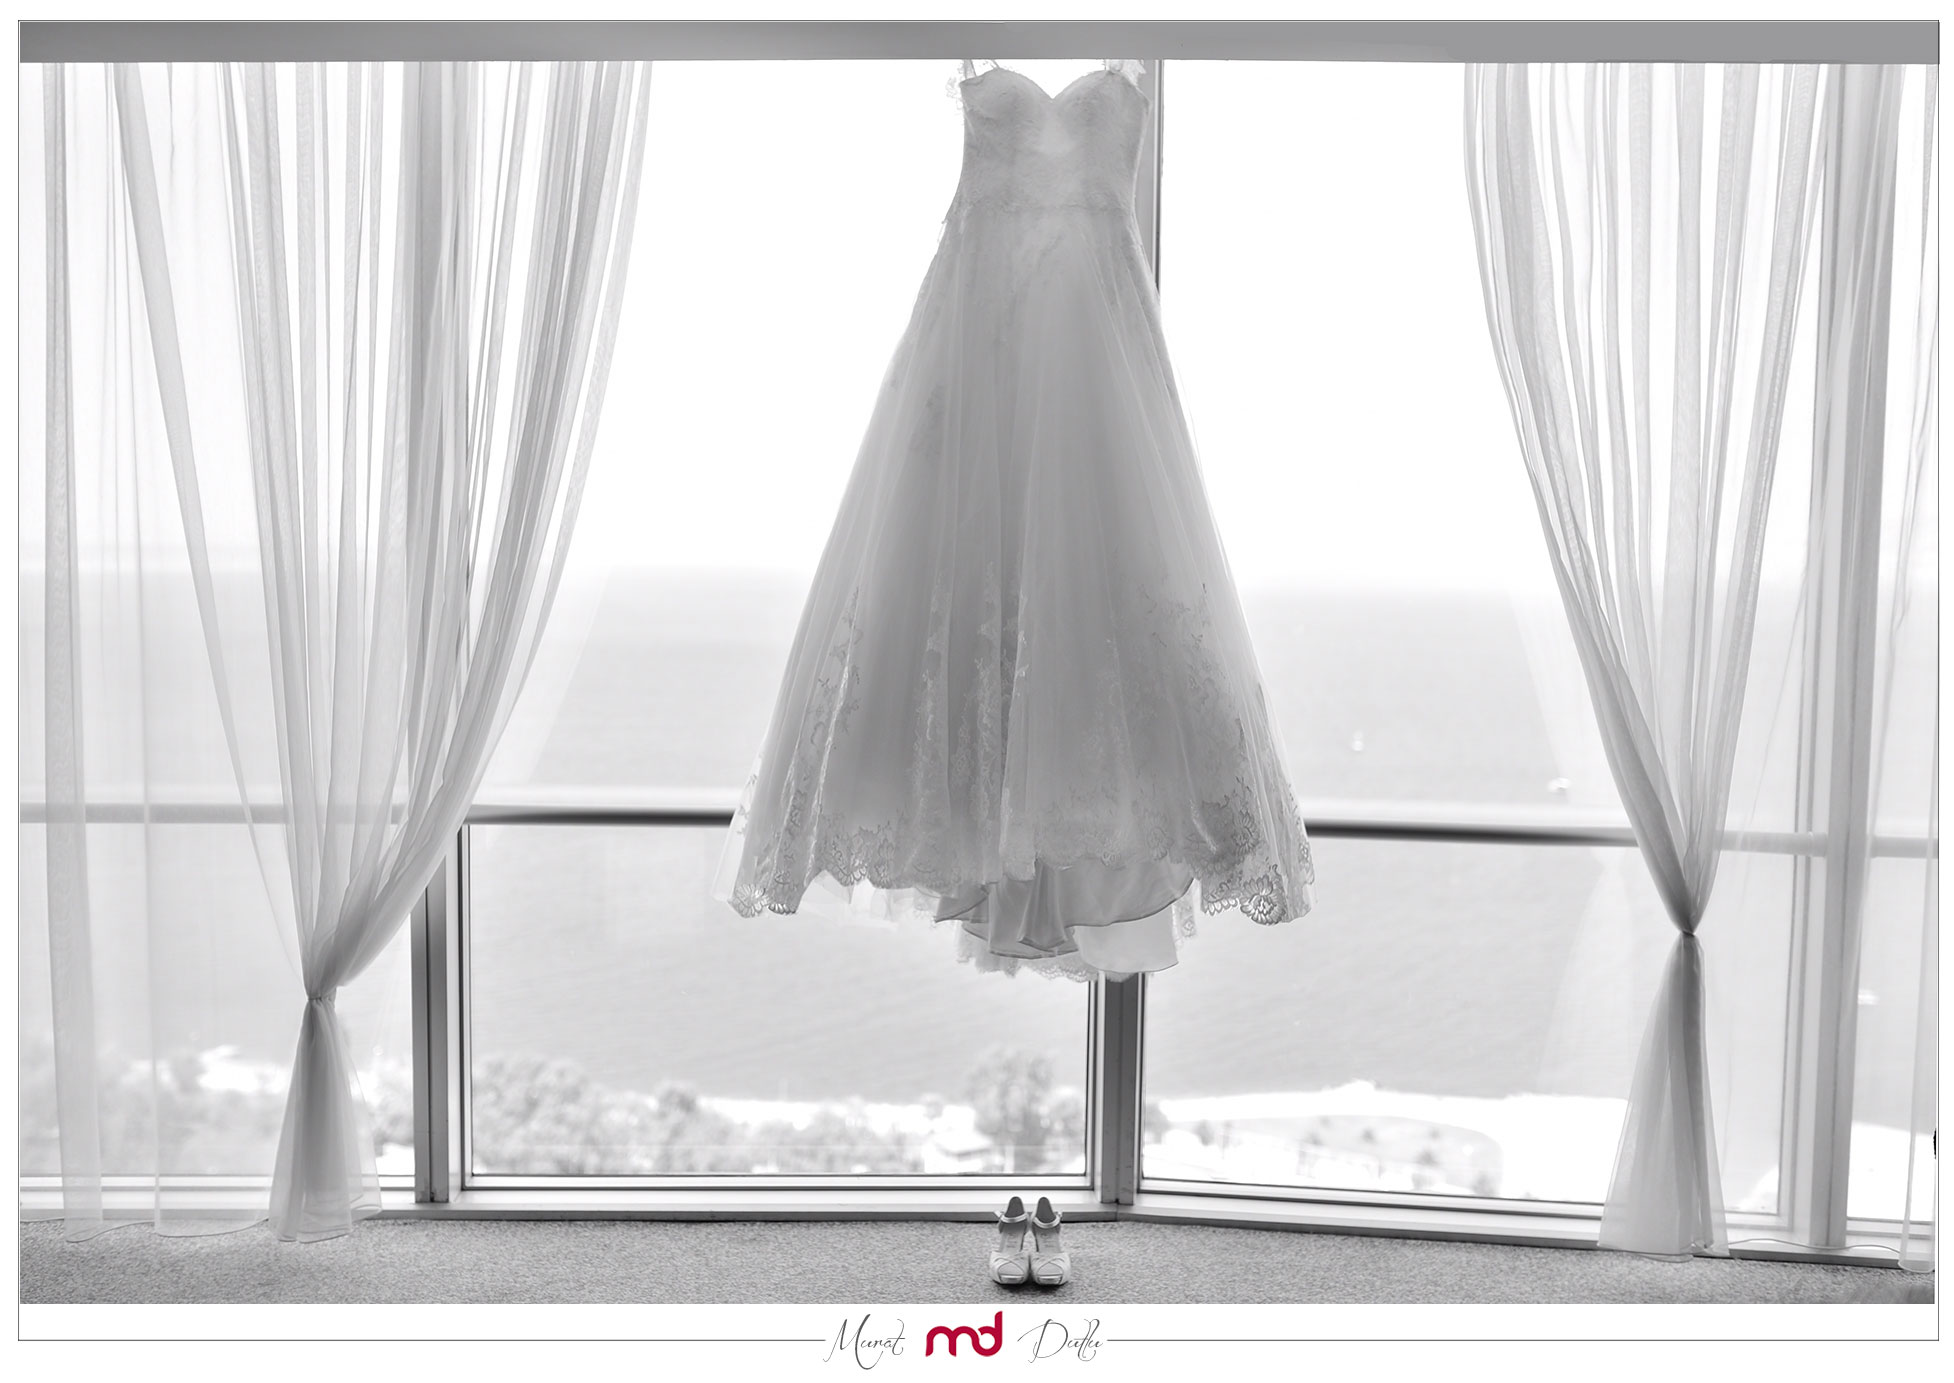 izmir düğün fotoğrafları, izmir düğün fotoğrafçısı, izmir fotoğrafçı